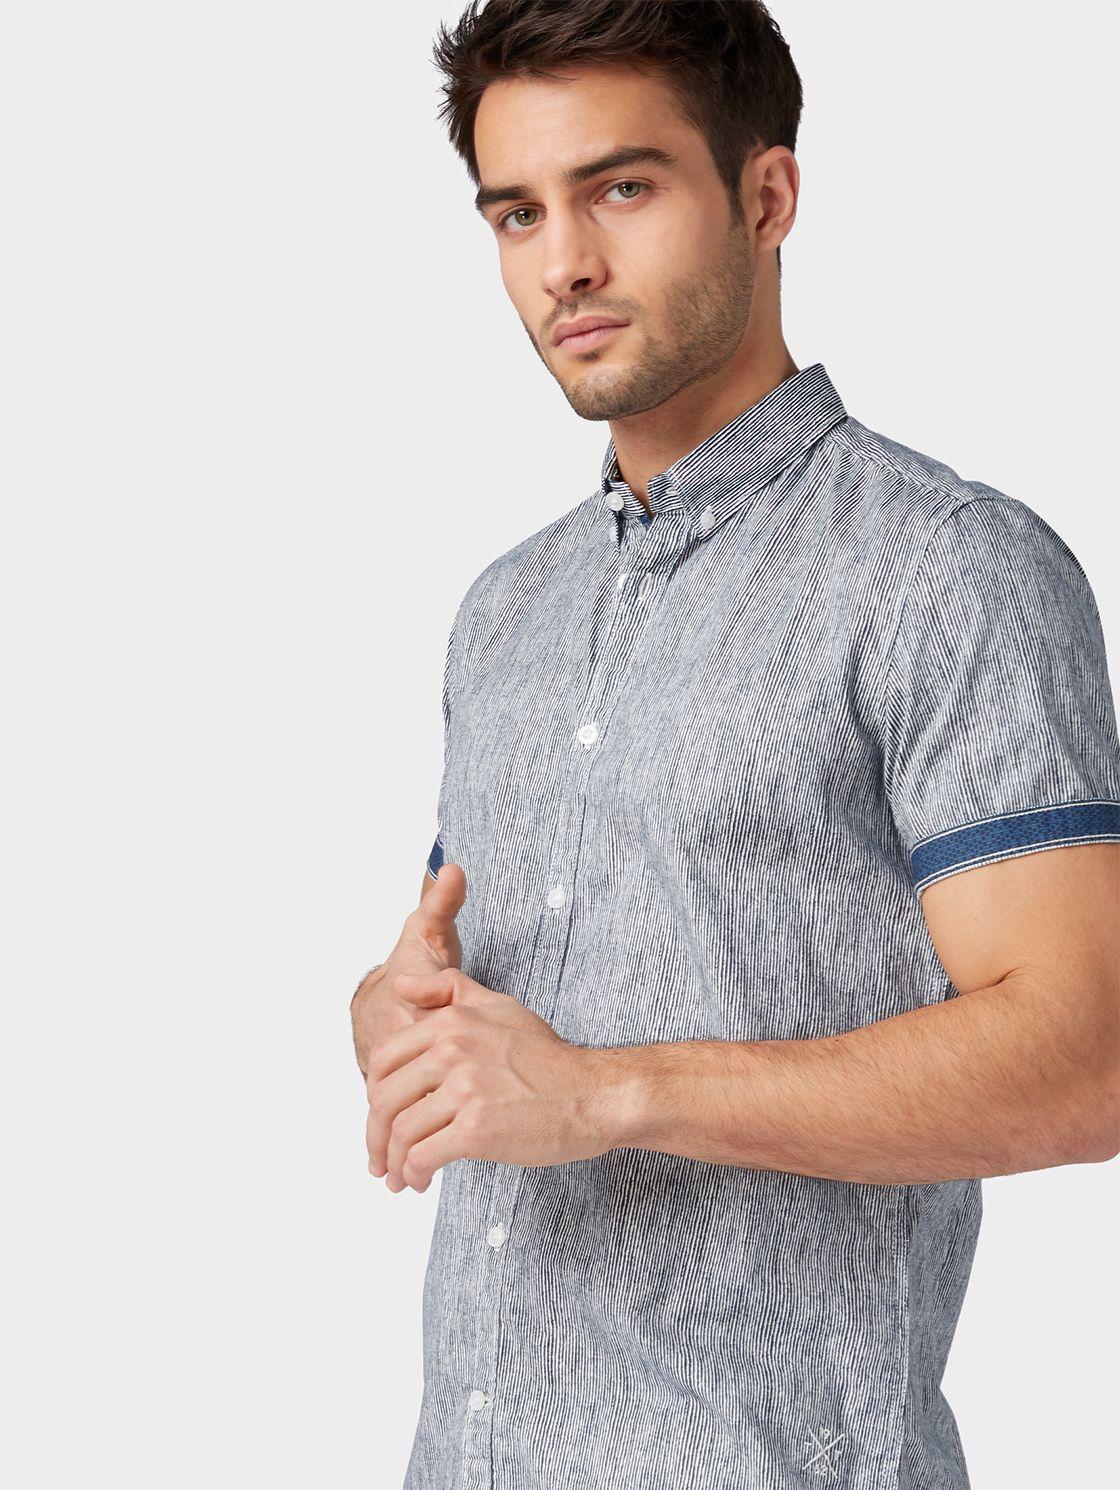 Patterned Shirt Blue For 39 99 Order Now At Tom Tailor Worldwide Largest Range Official Tom Tailor Online Shop Shirt Pattern Tom Tailor